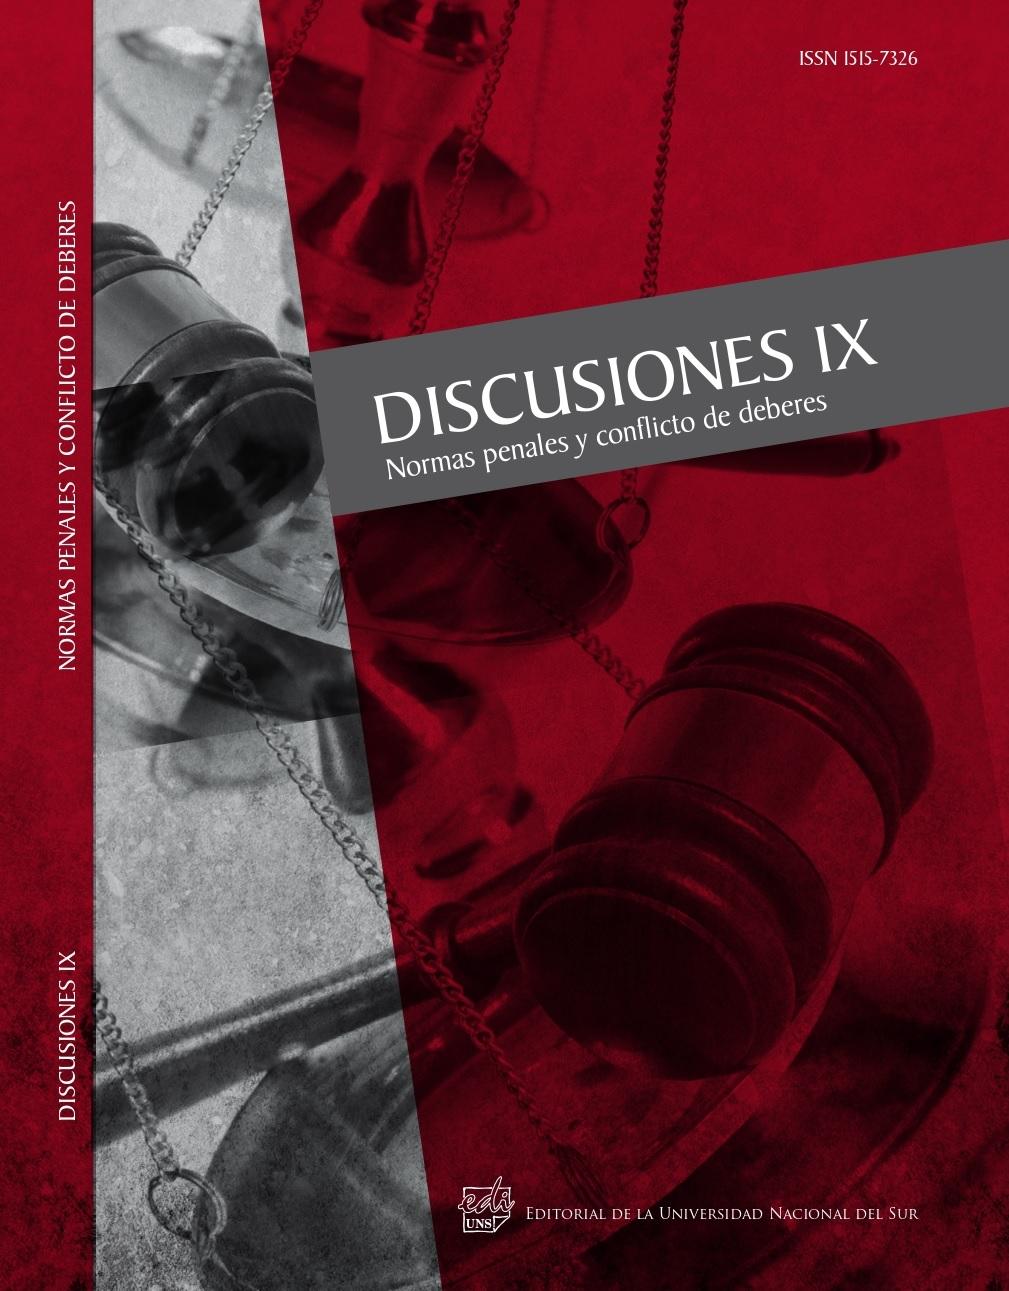 Ver Vol. 9 (2010): Normas penales y conflicto de deberes